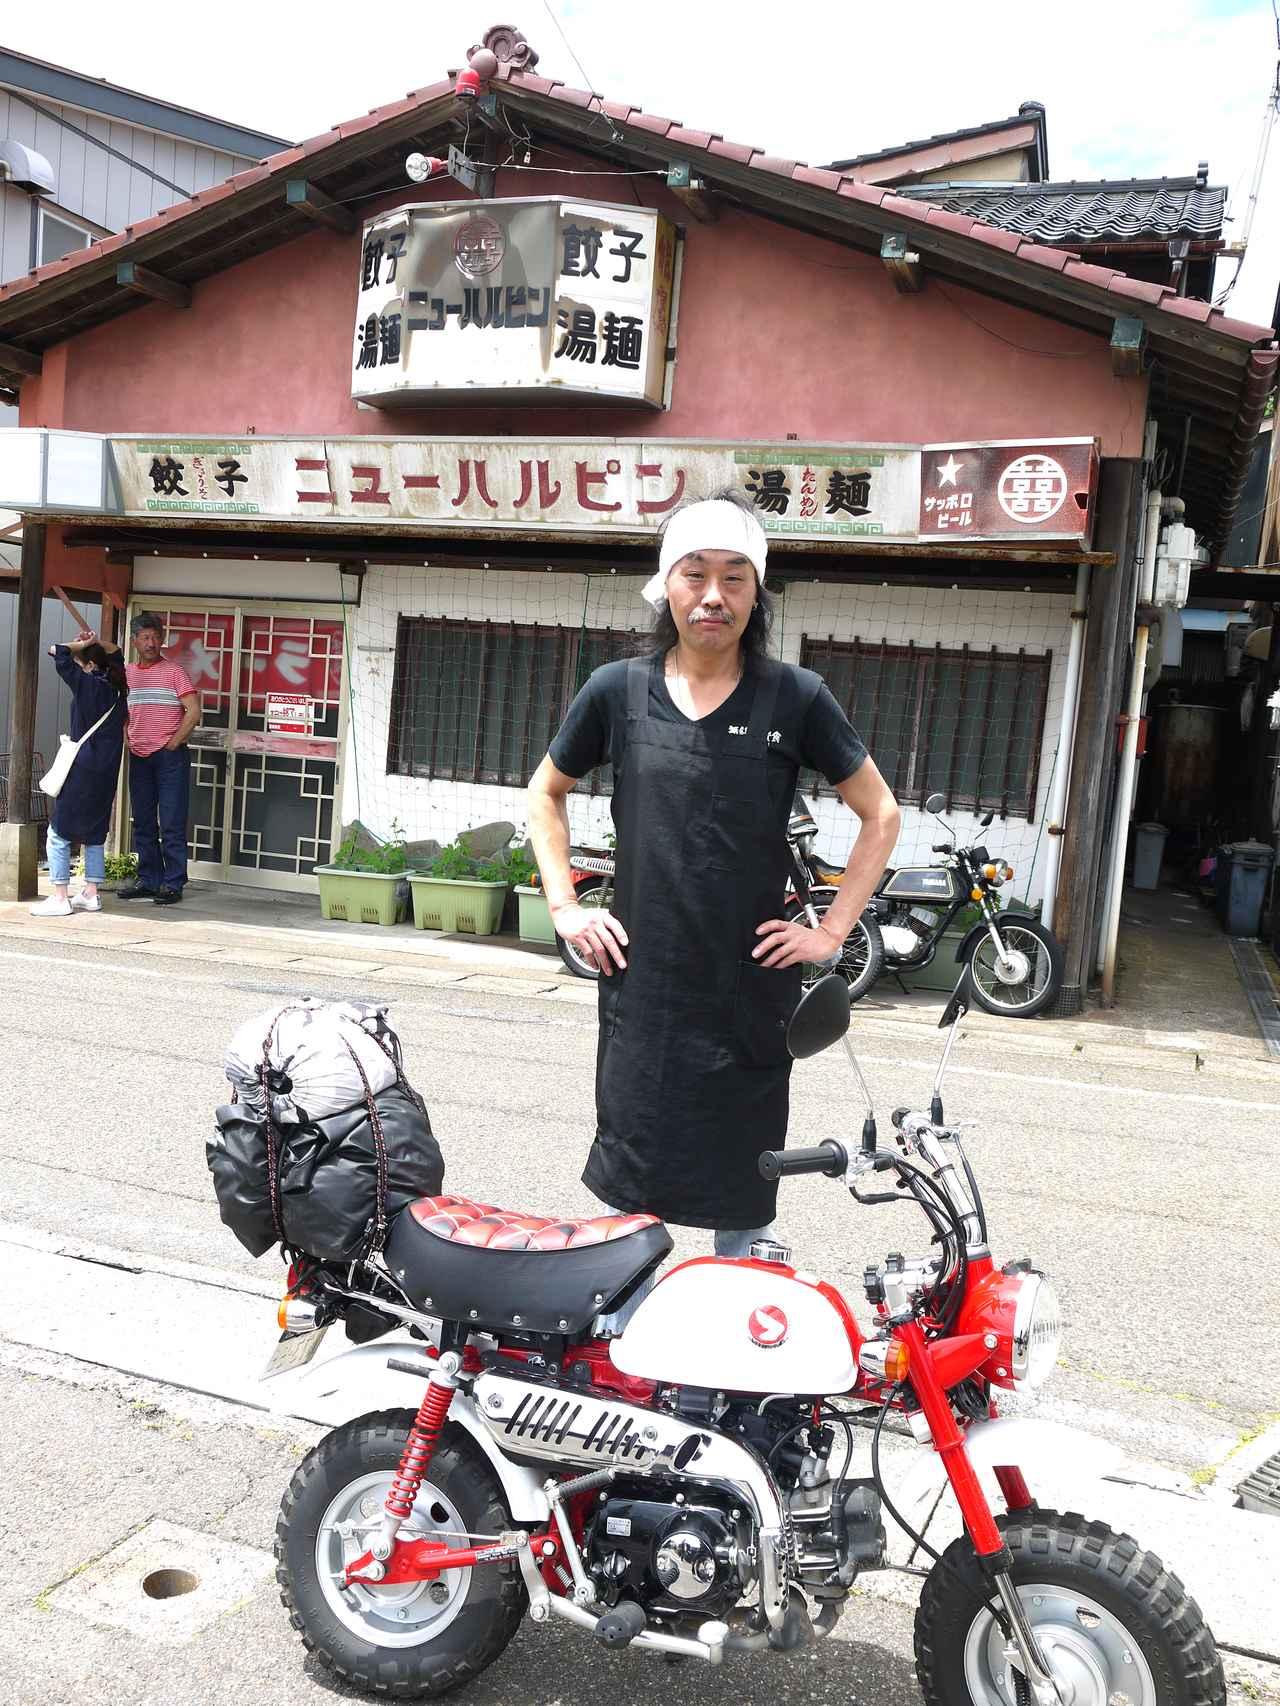 画像: 1週間で1300Km! オートバイと一週間生活『HONDA Monkey編』4日目